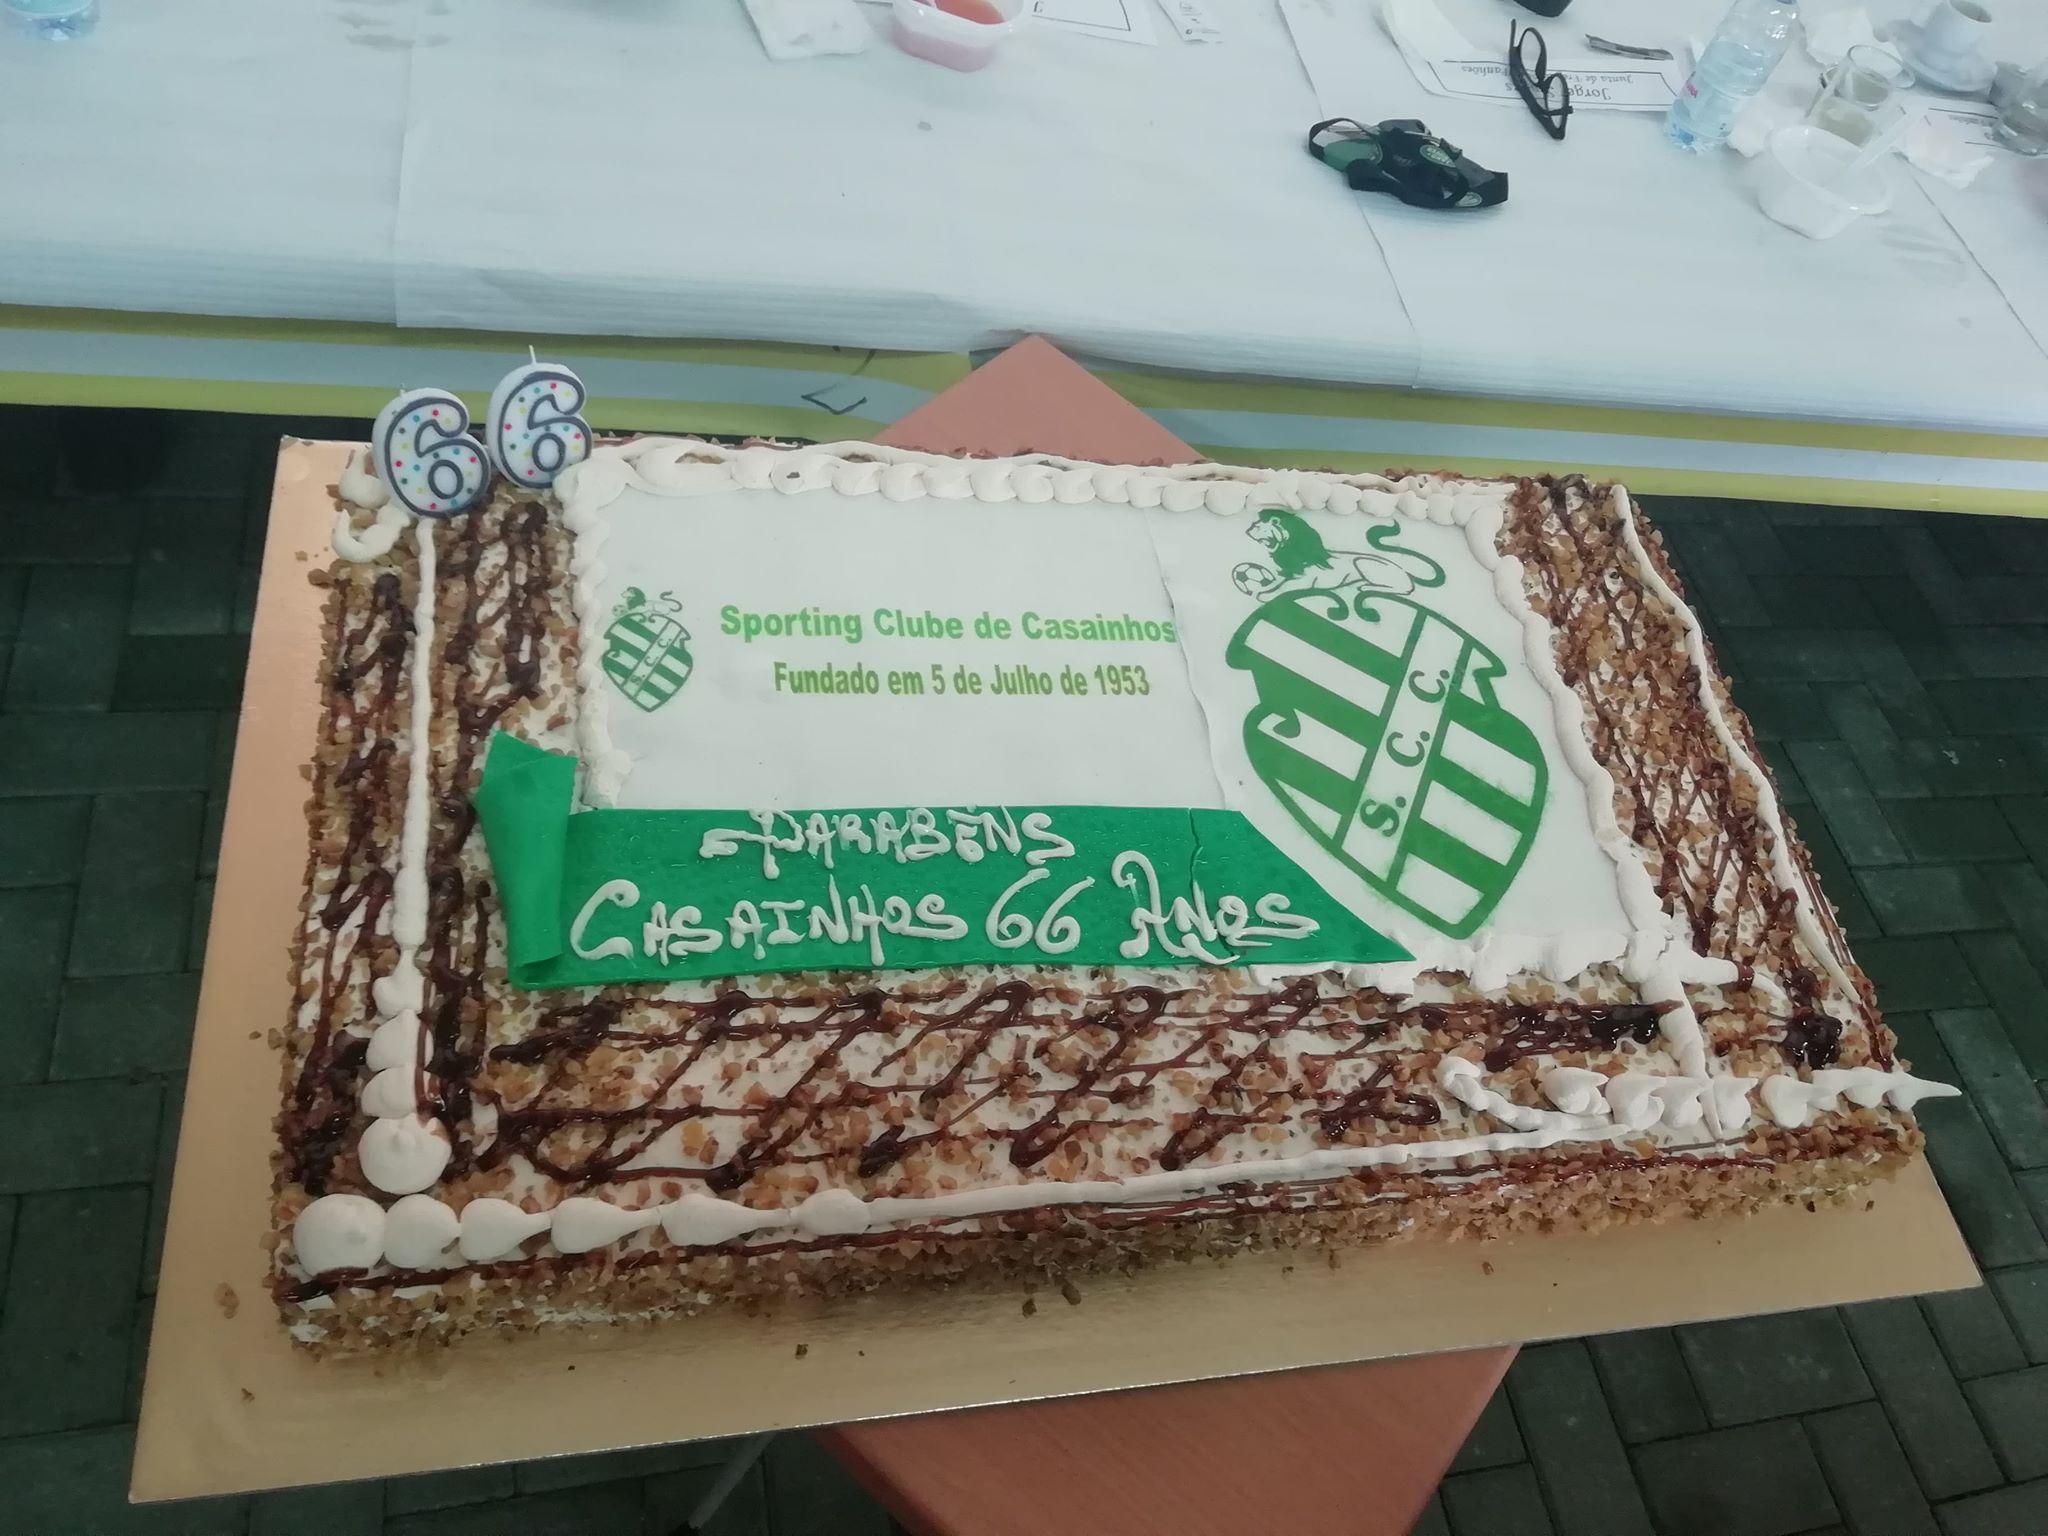 66º Aniversário do SPORTING CLUBE DE CASAINHOS fundado em 05 julho de 1953. Uma vida em prol do associtivismo e da comunidade. Parabéns pelo excelente trabalho. Bem Hajam!